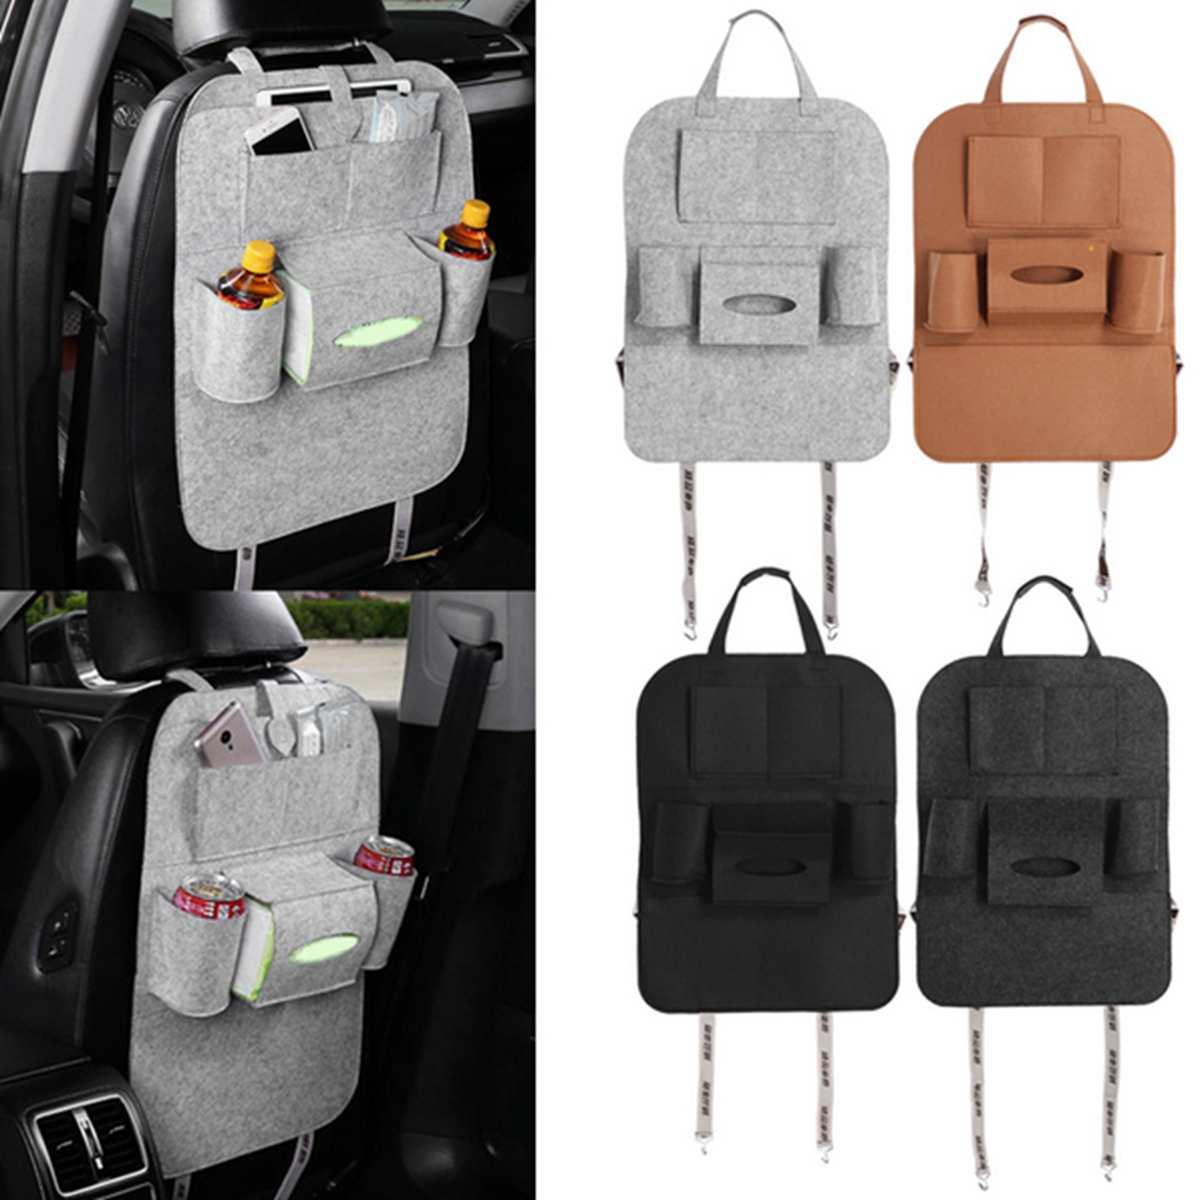 Органайзер на сиденье автомобиля, подвесная сумка, водонепроницаемая шерстяная войлочная сумка для хранения на автомобильное кресло, мног...